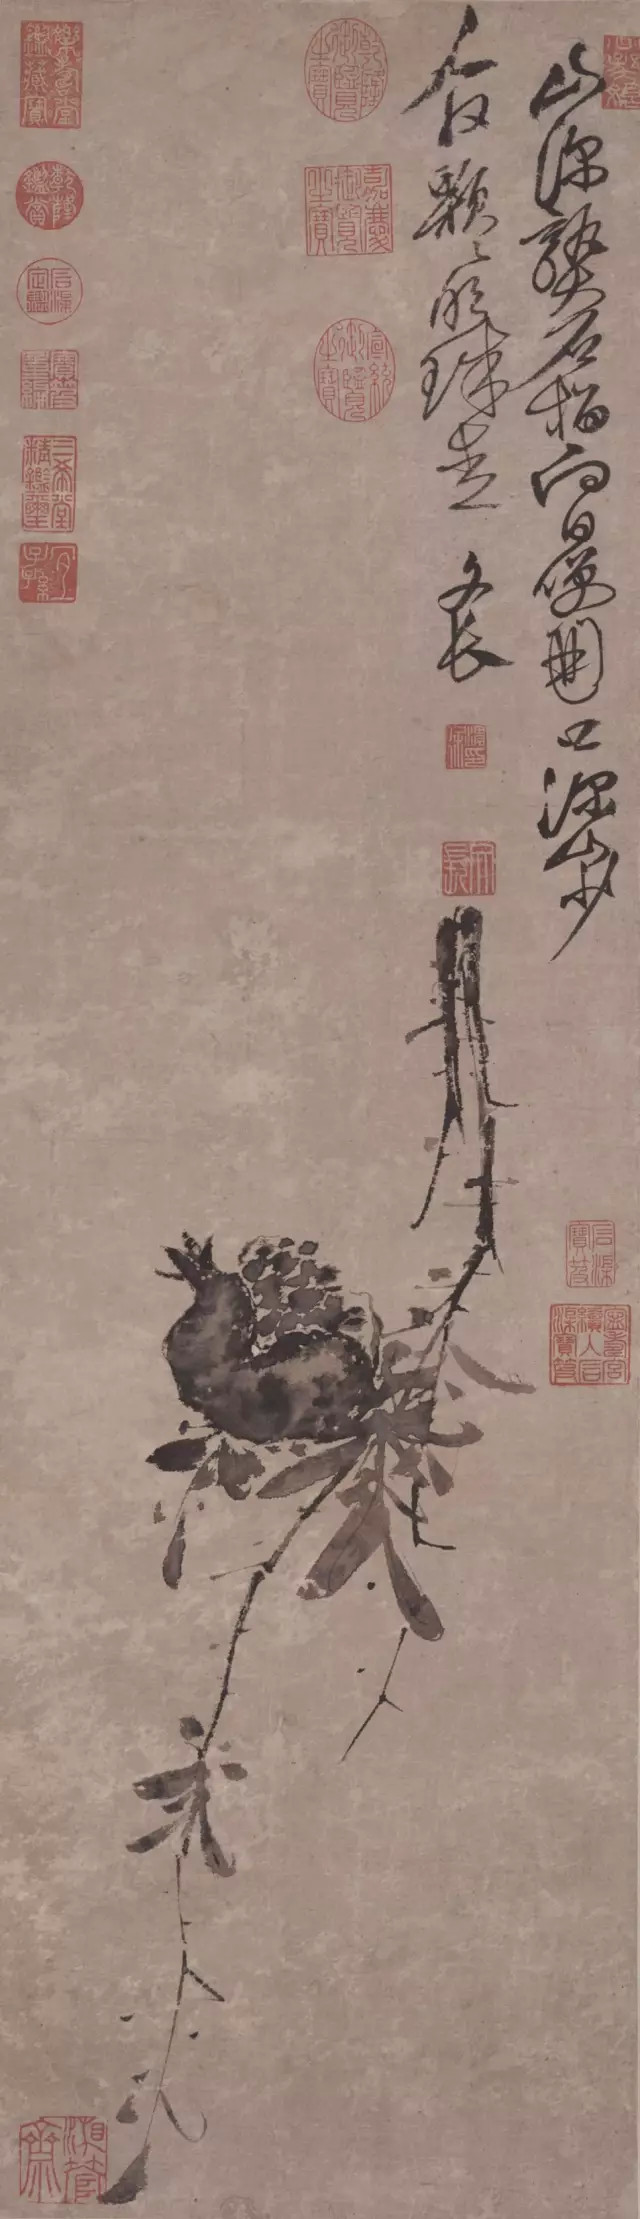 徐渭 榴实图 91.4×26.6cm 台北故宫博物院藏